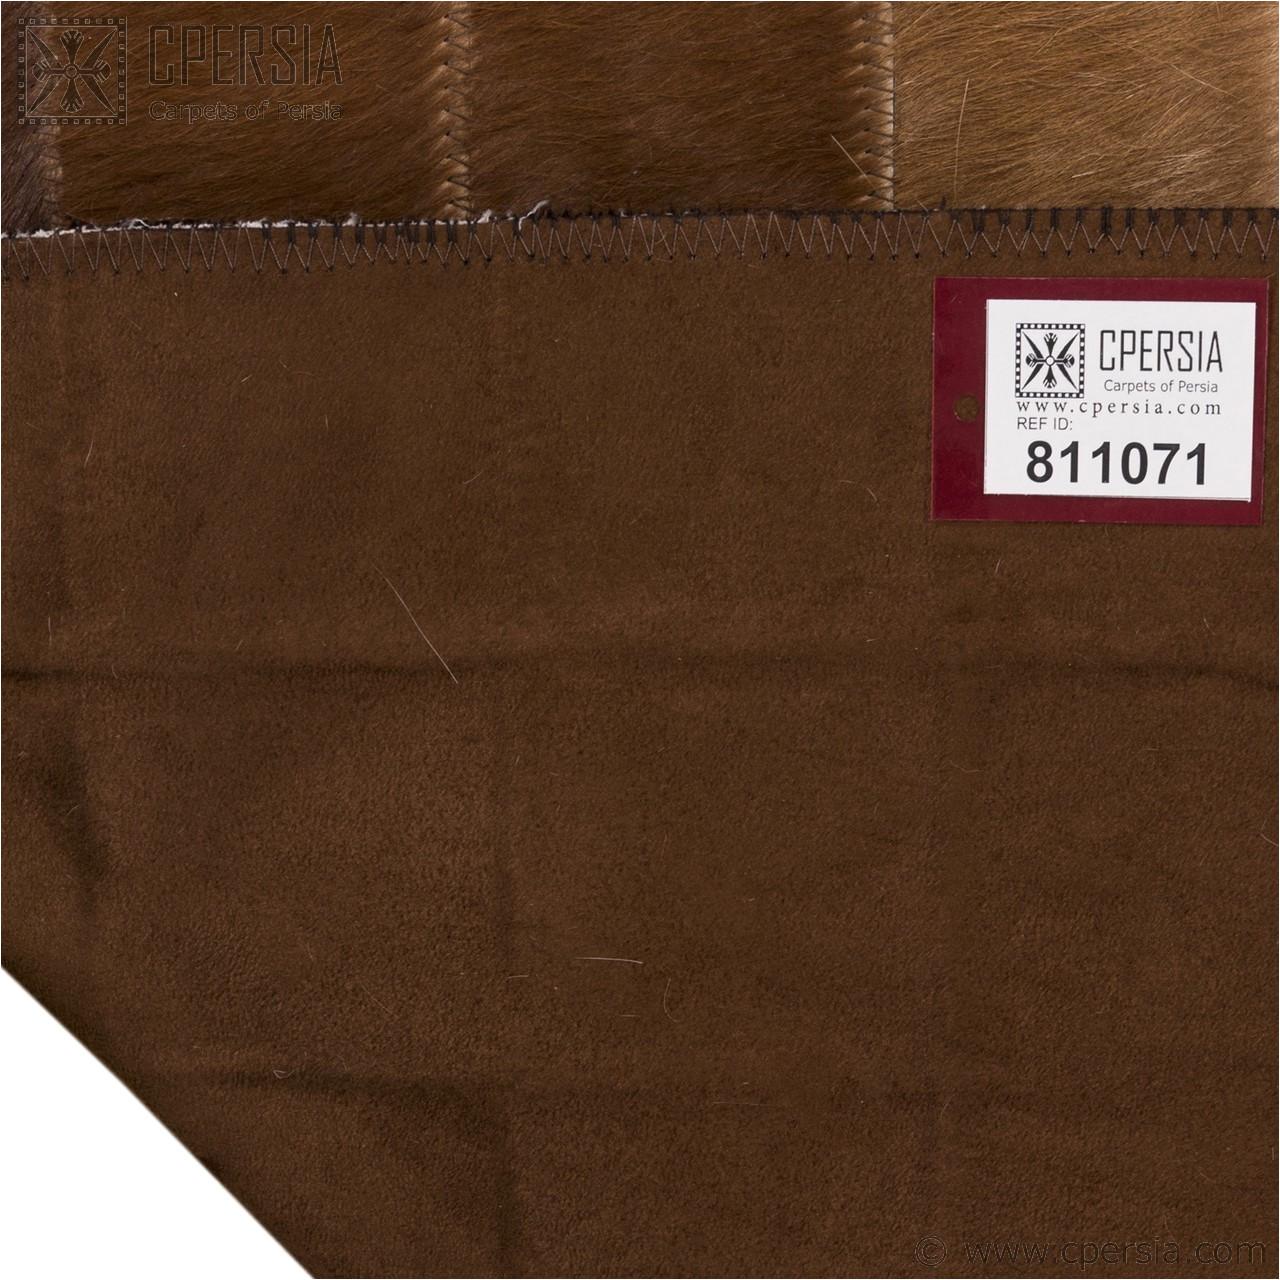 cowhide patchwork rugs ref 811071